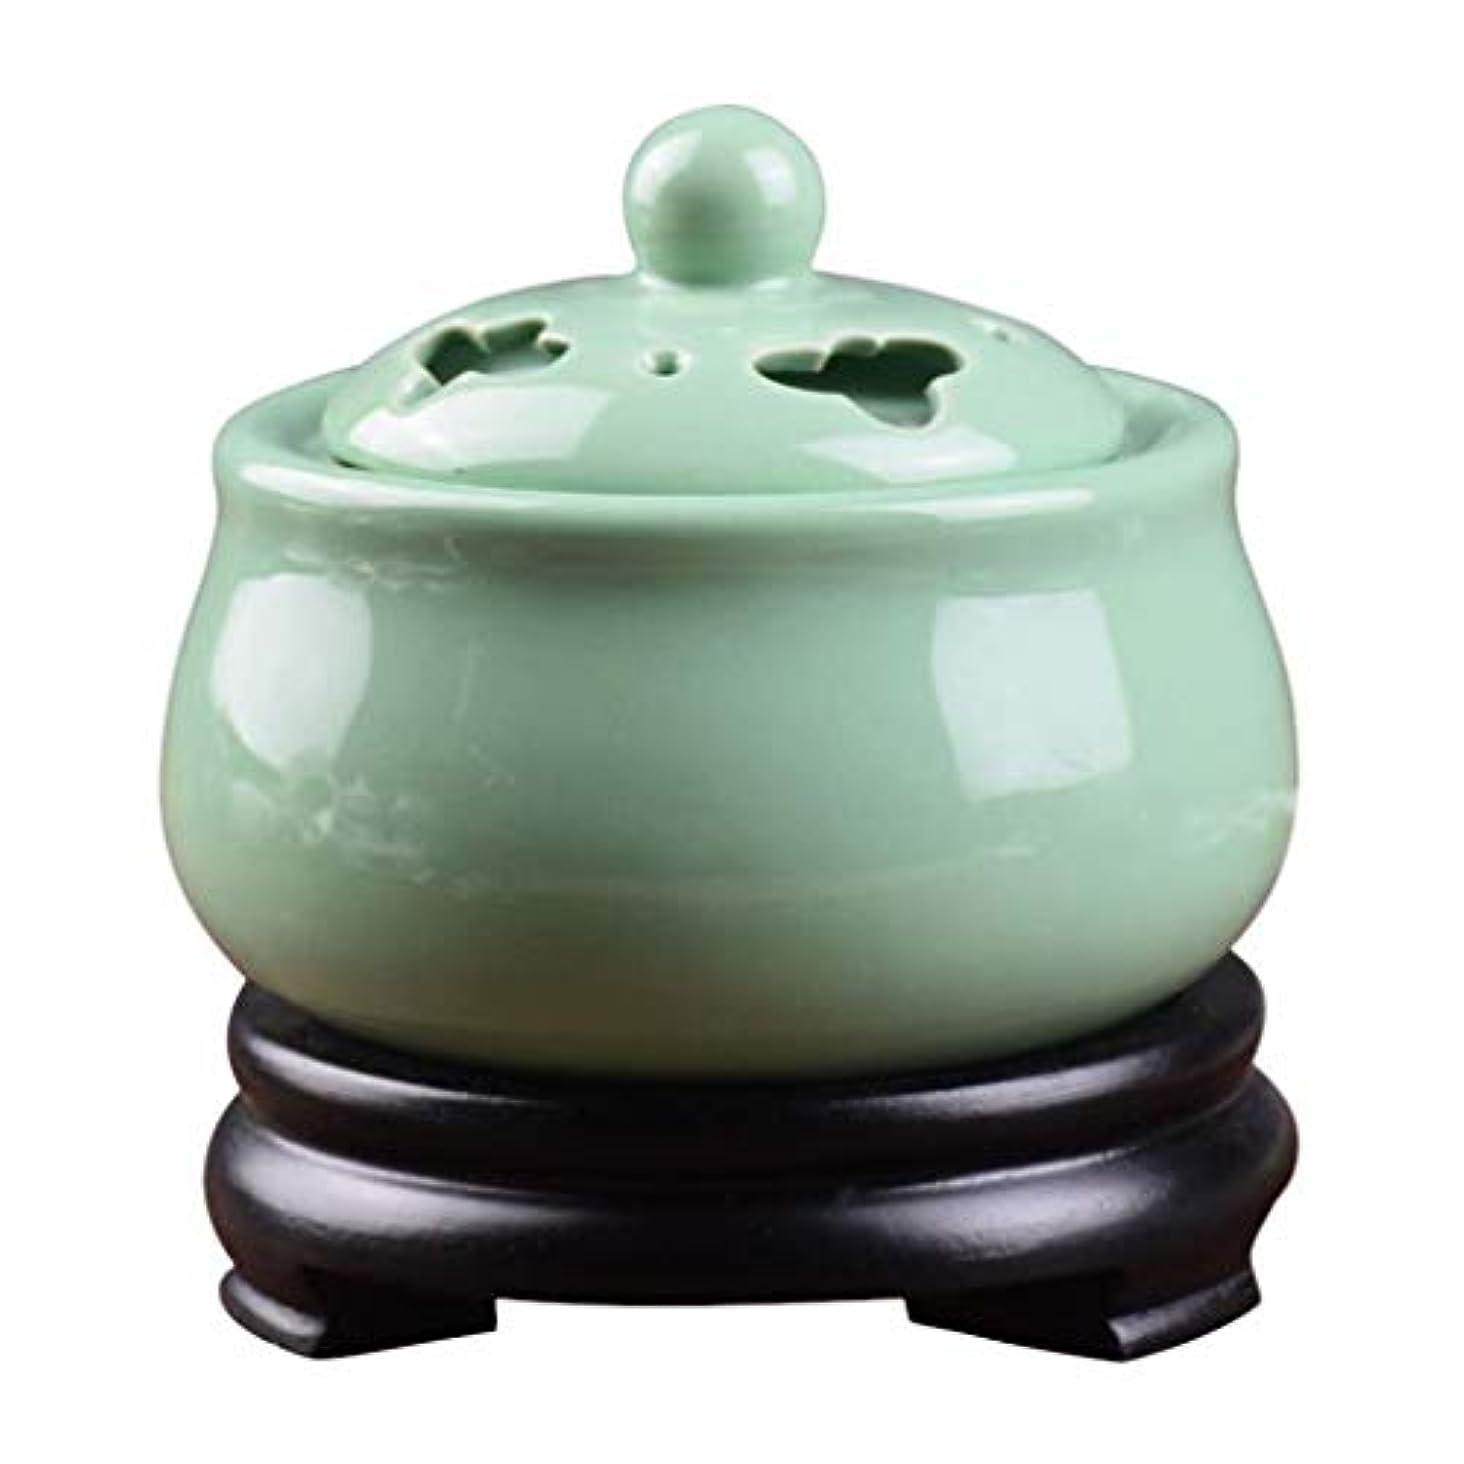 舌な吸収する少数MYTDBD 香炉タイミング温度制御電子セラミックアロマセラピー炉、電気ディフューザー (Color : Green)